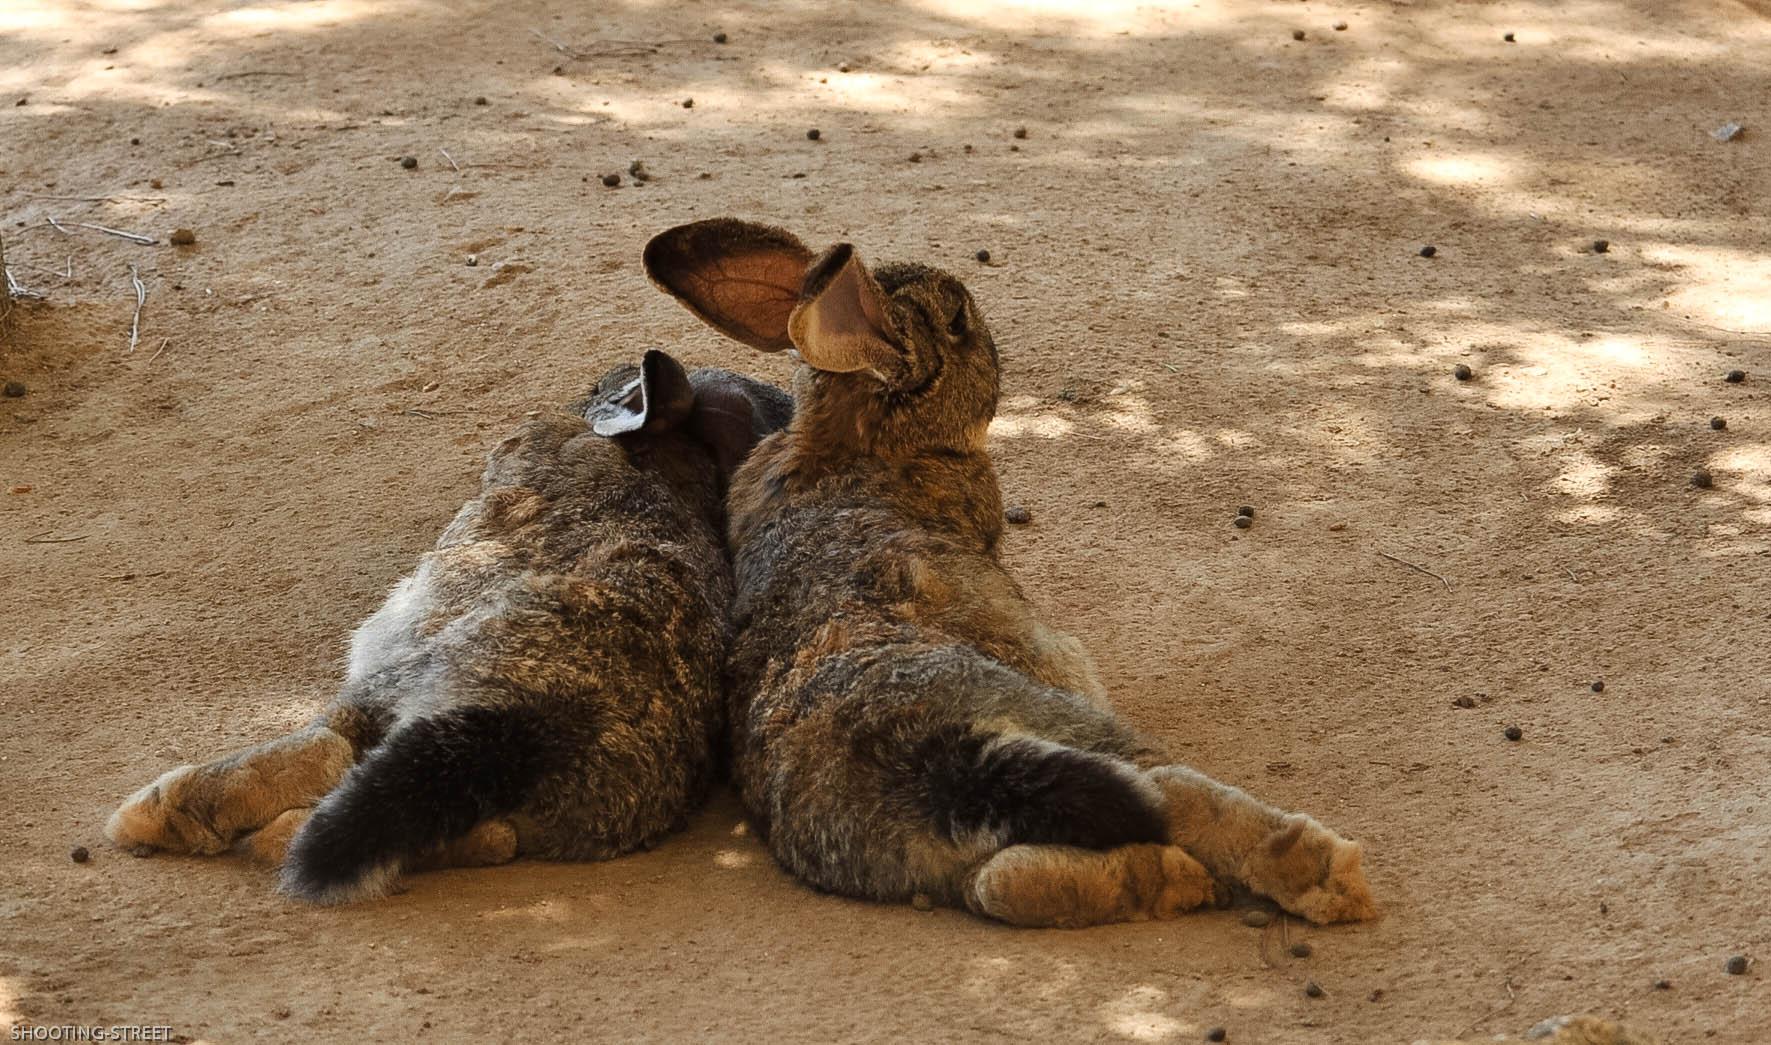 un amour de lapinou  quand on aime on le montre qui mieux que la nature pour nous le démontrer